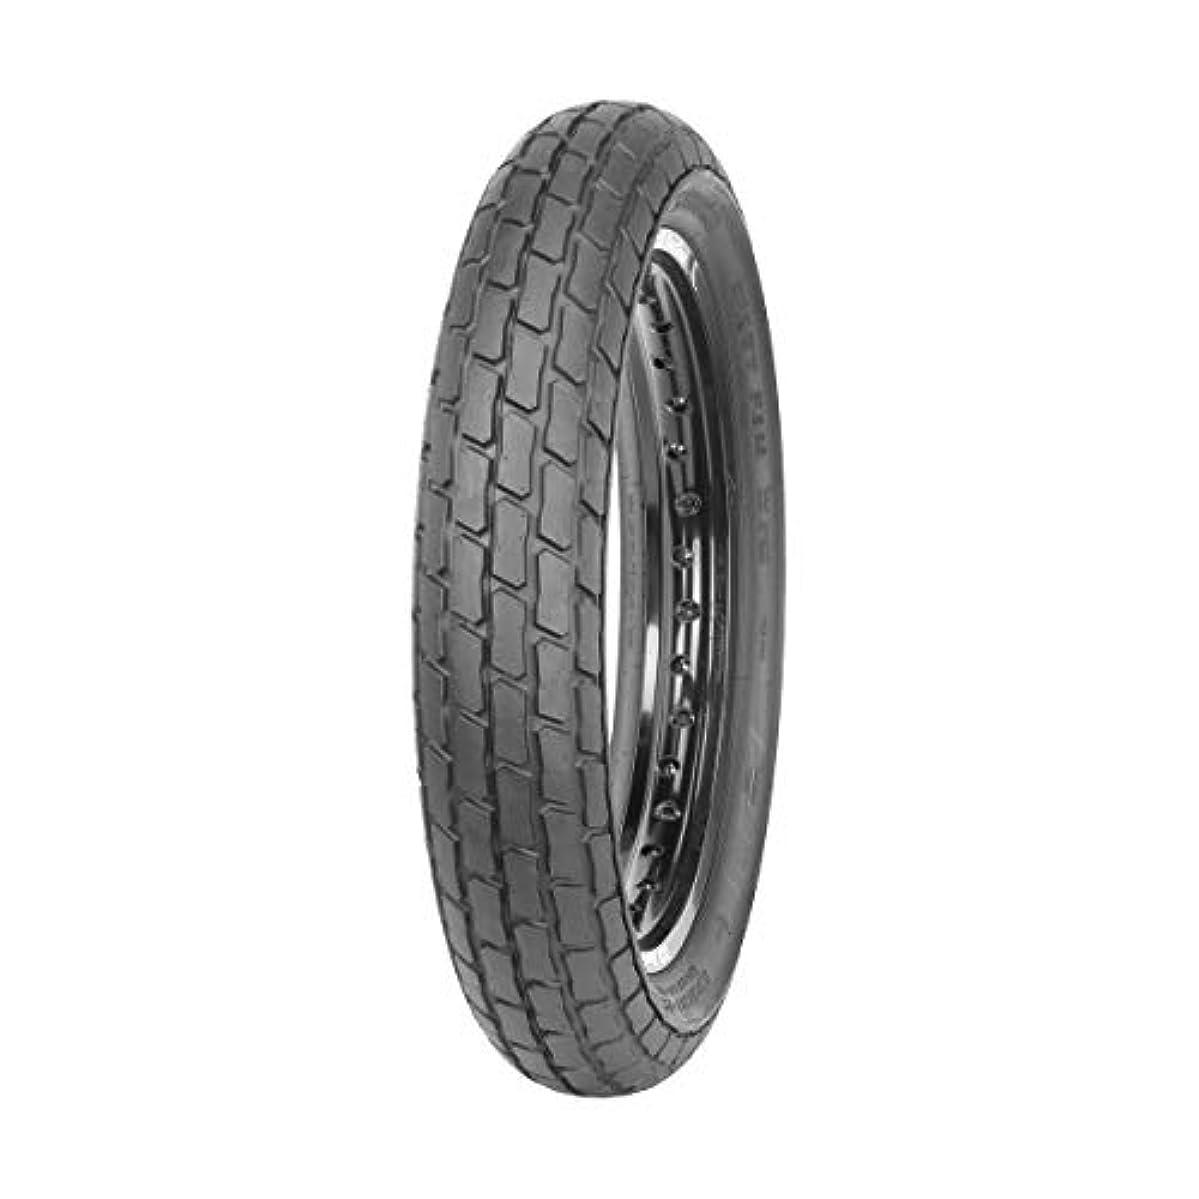 アスレチック中庭ほぼShinko Flat Track SR267 Soft Tire 120/70-17